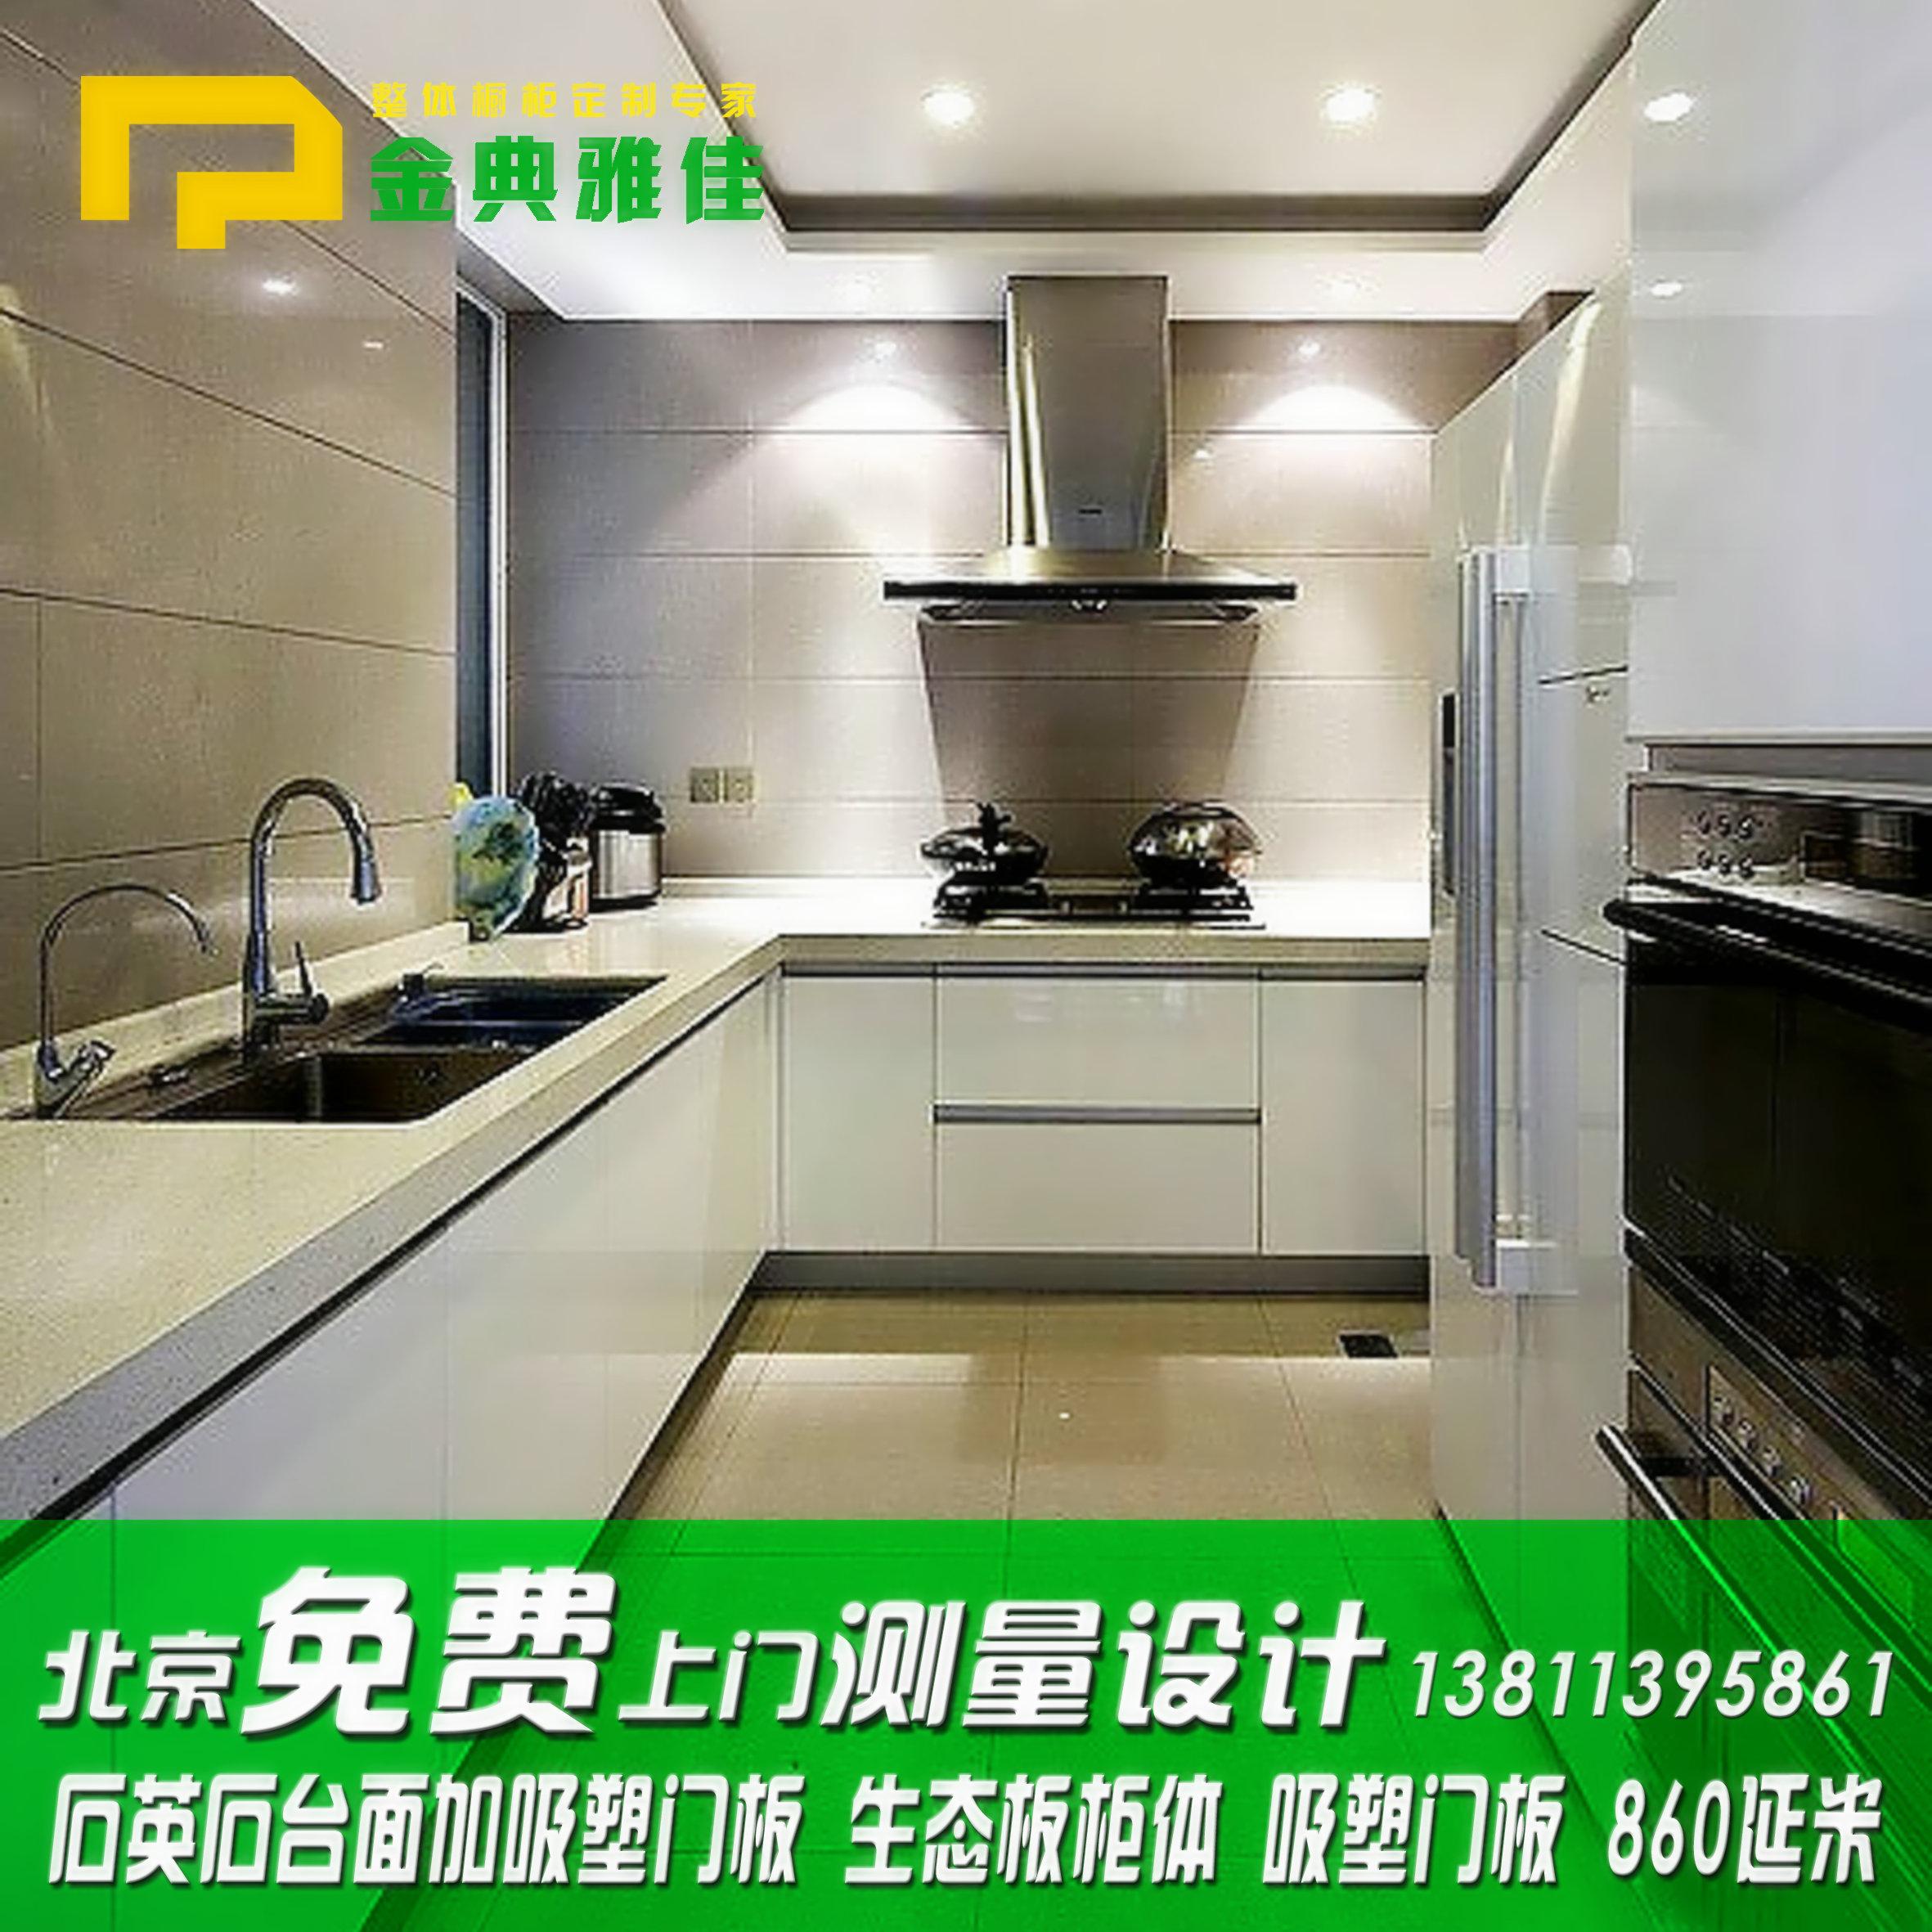 定做整体橱柜烤漆门板 北京整体厨房橱柜定制 石英石台面现代简约